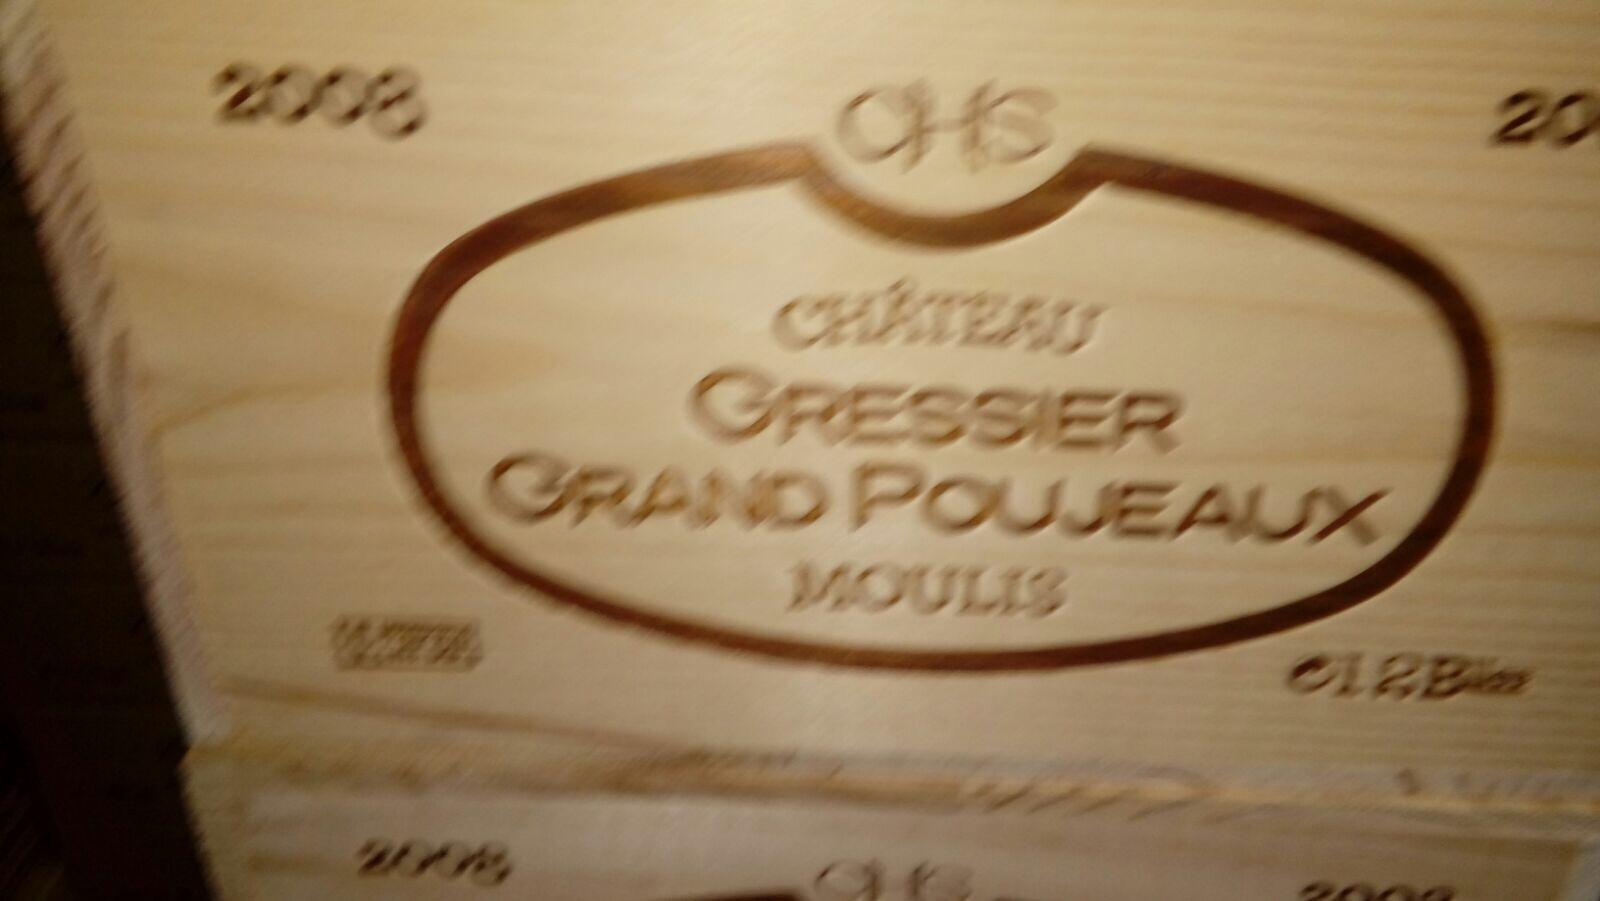 20 CRESSIER ORANO POUSEASX MOULİS,product,